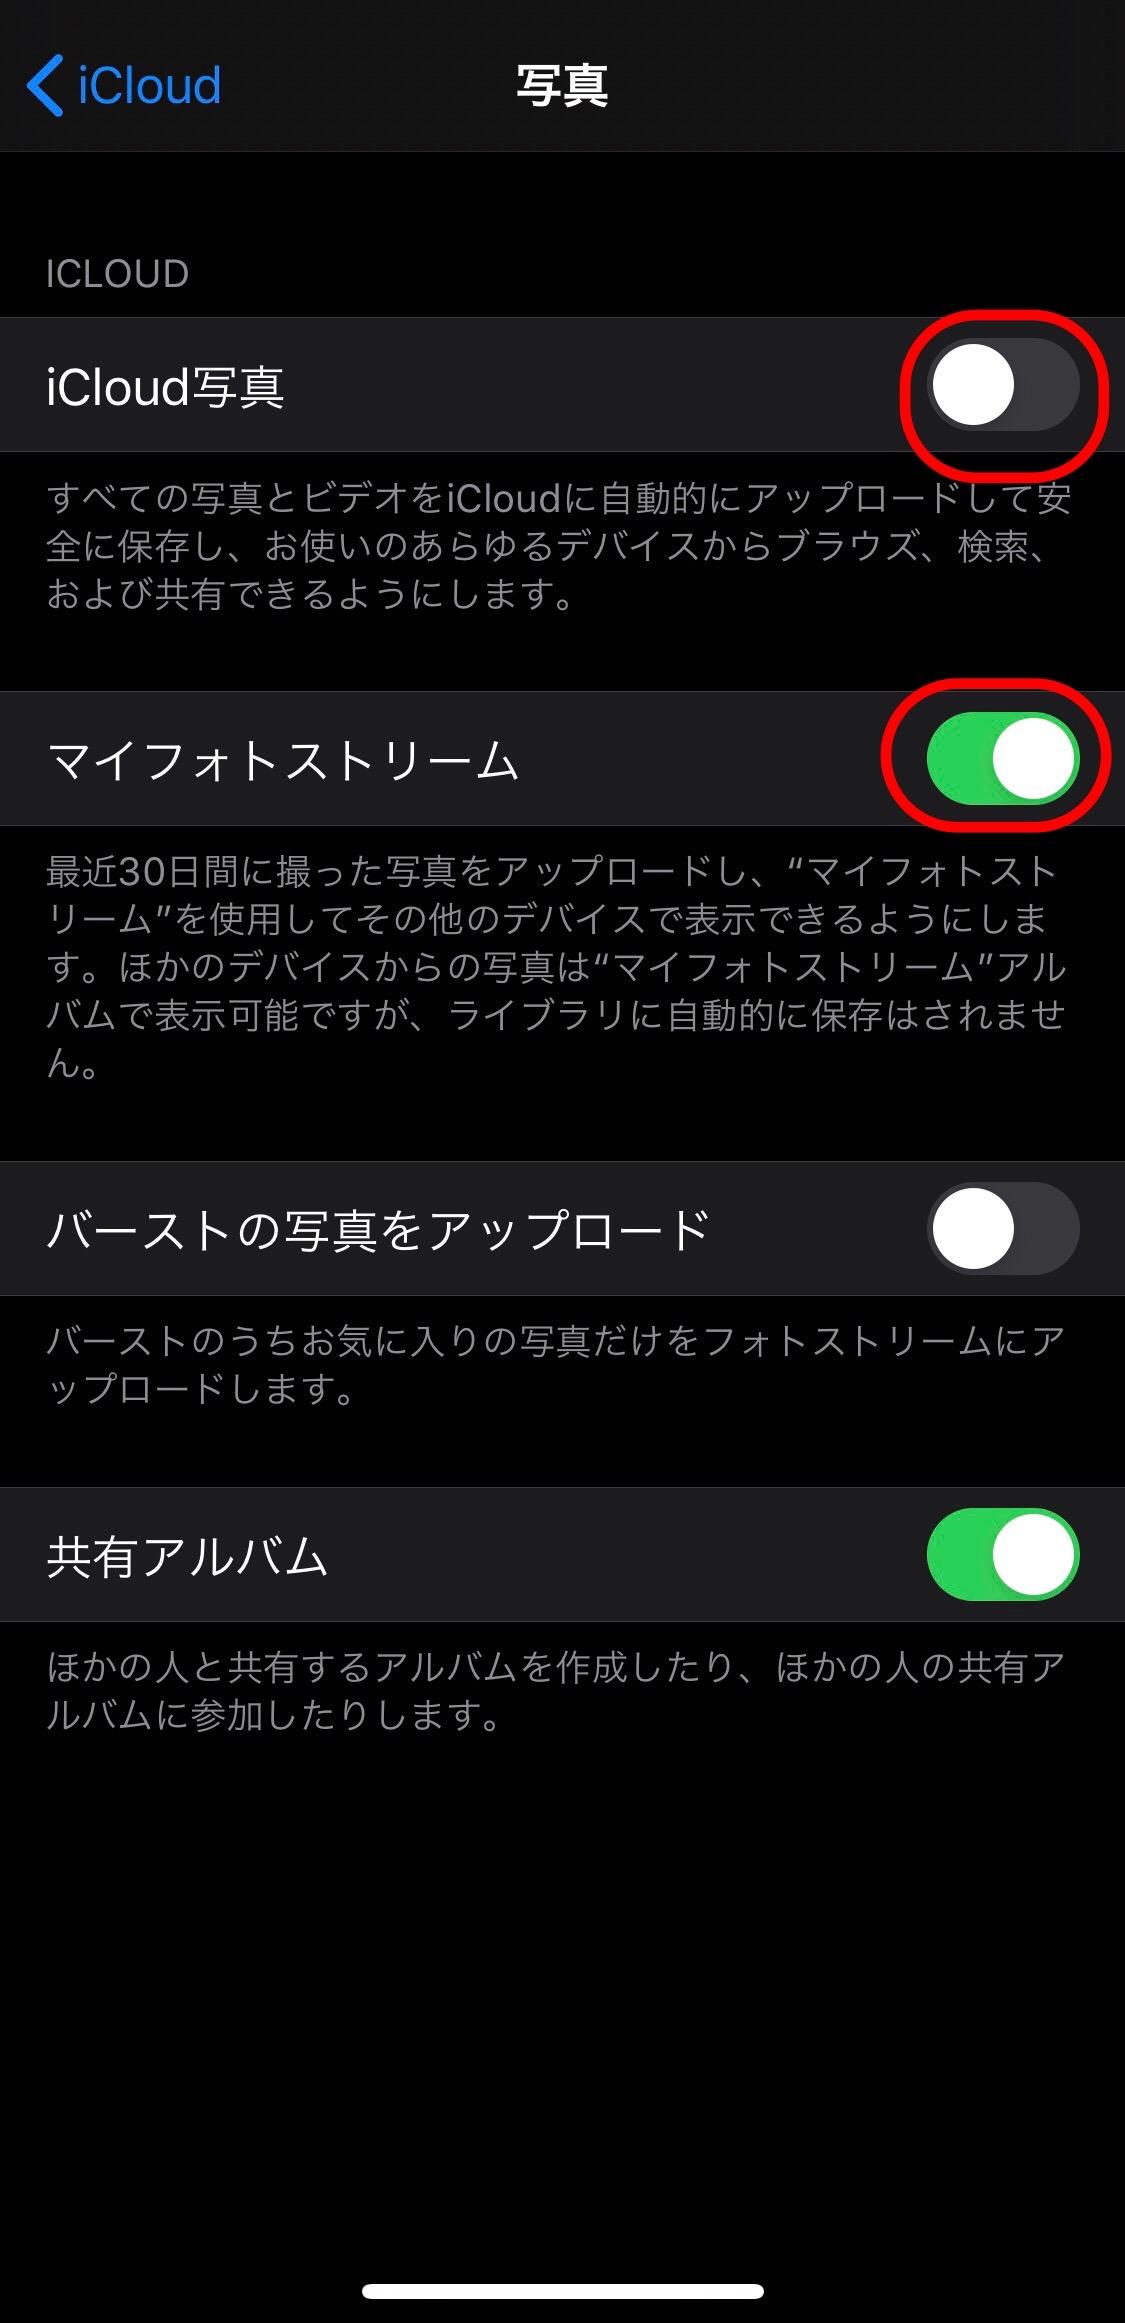 設定 iCloud オン